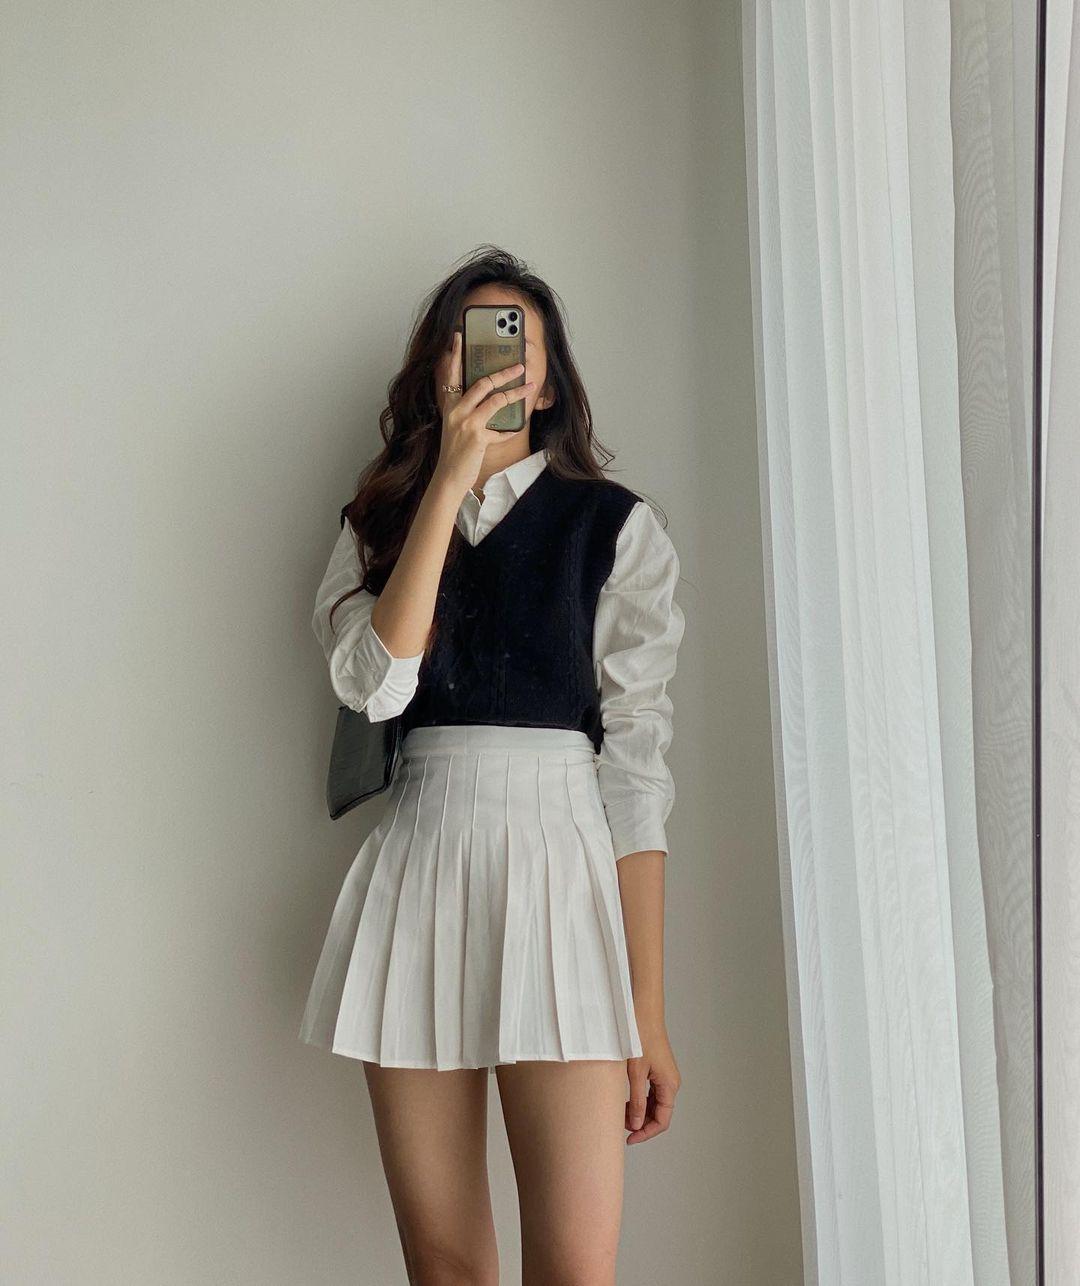 6 món đồ len Rosé mê nhất: Các nàng sắm theo đảm bảo mặc đẹp - Ảnh 7.